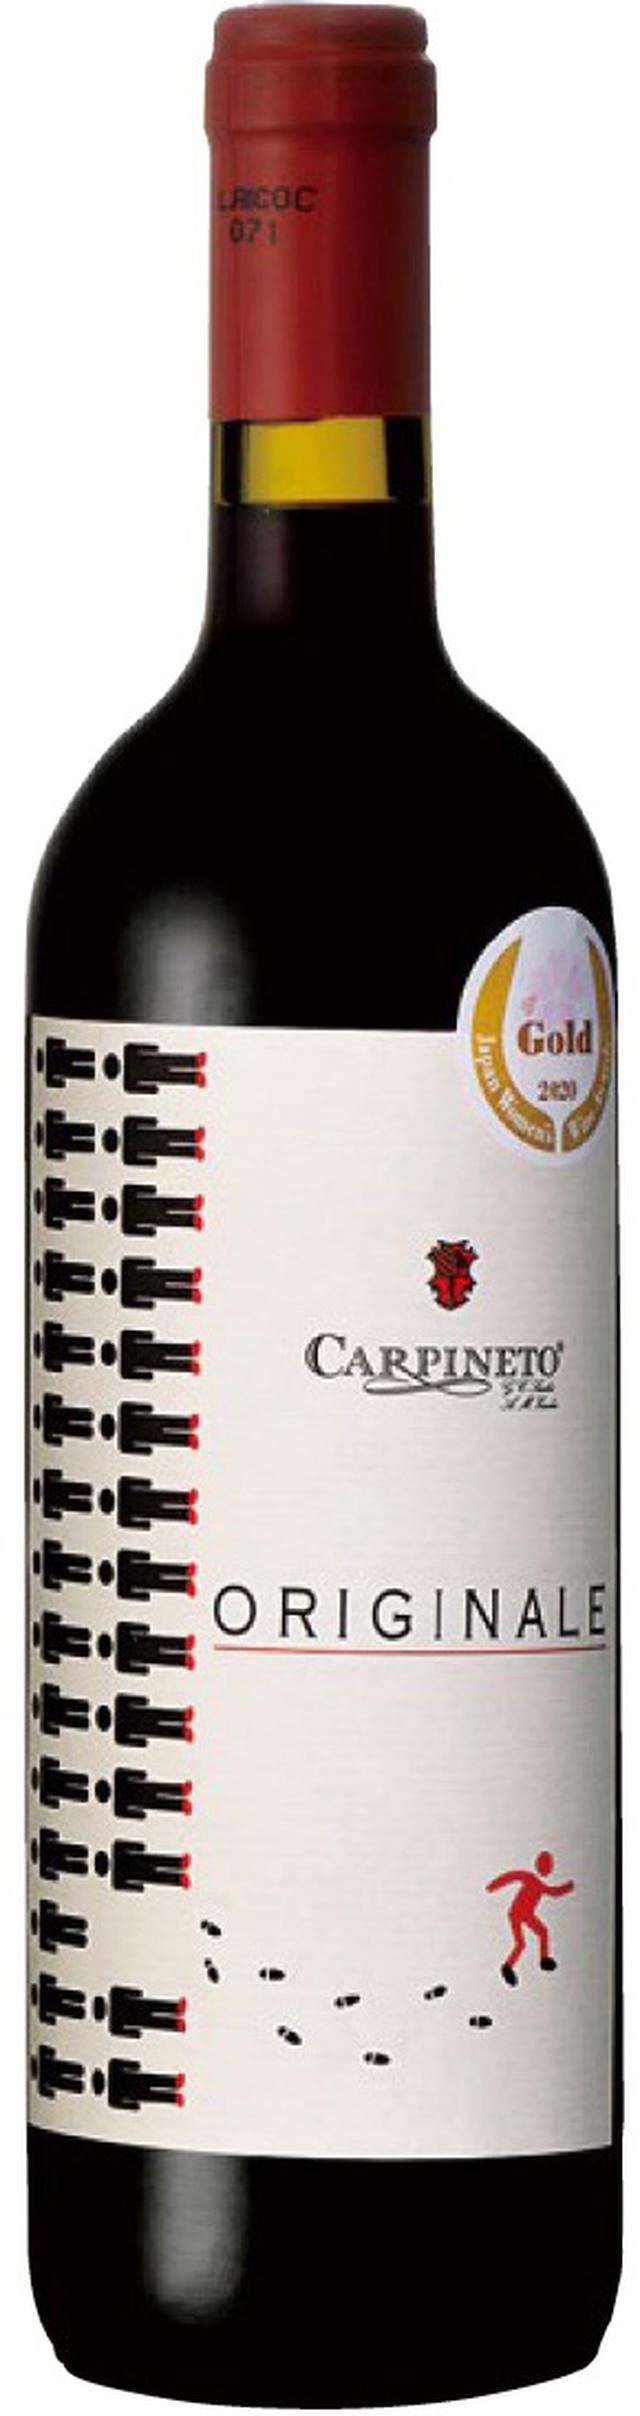 画像9: ワイン王国 2020年9月号/No.118 お勧め5ツ星の買える店(1000円台で見つけた冷やして美味しい赤ワイン)